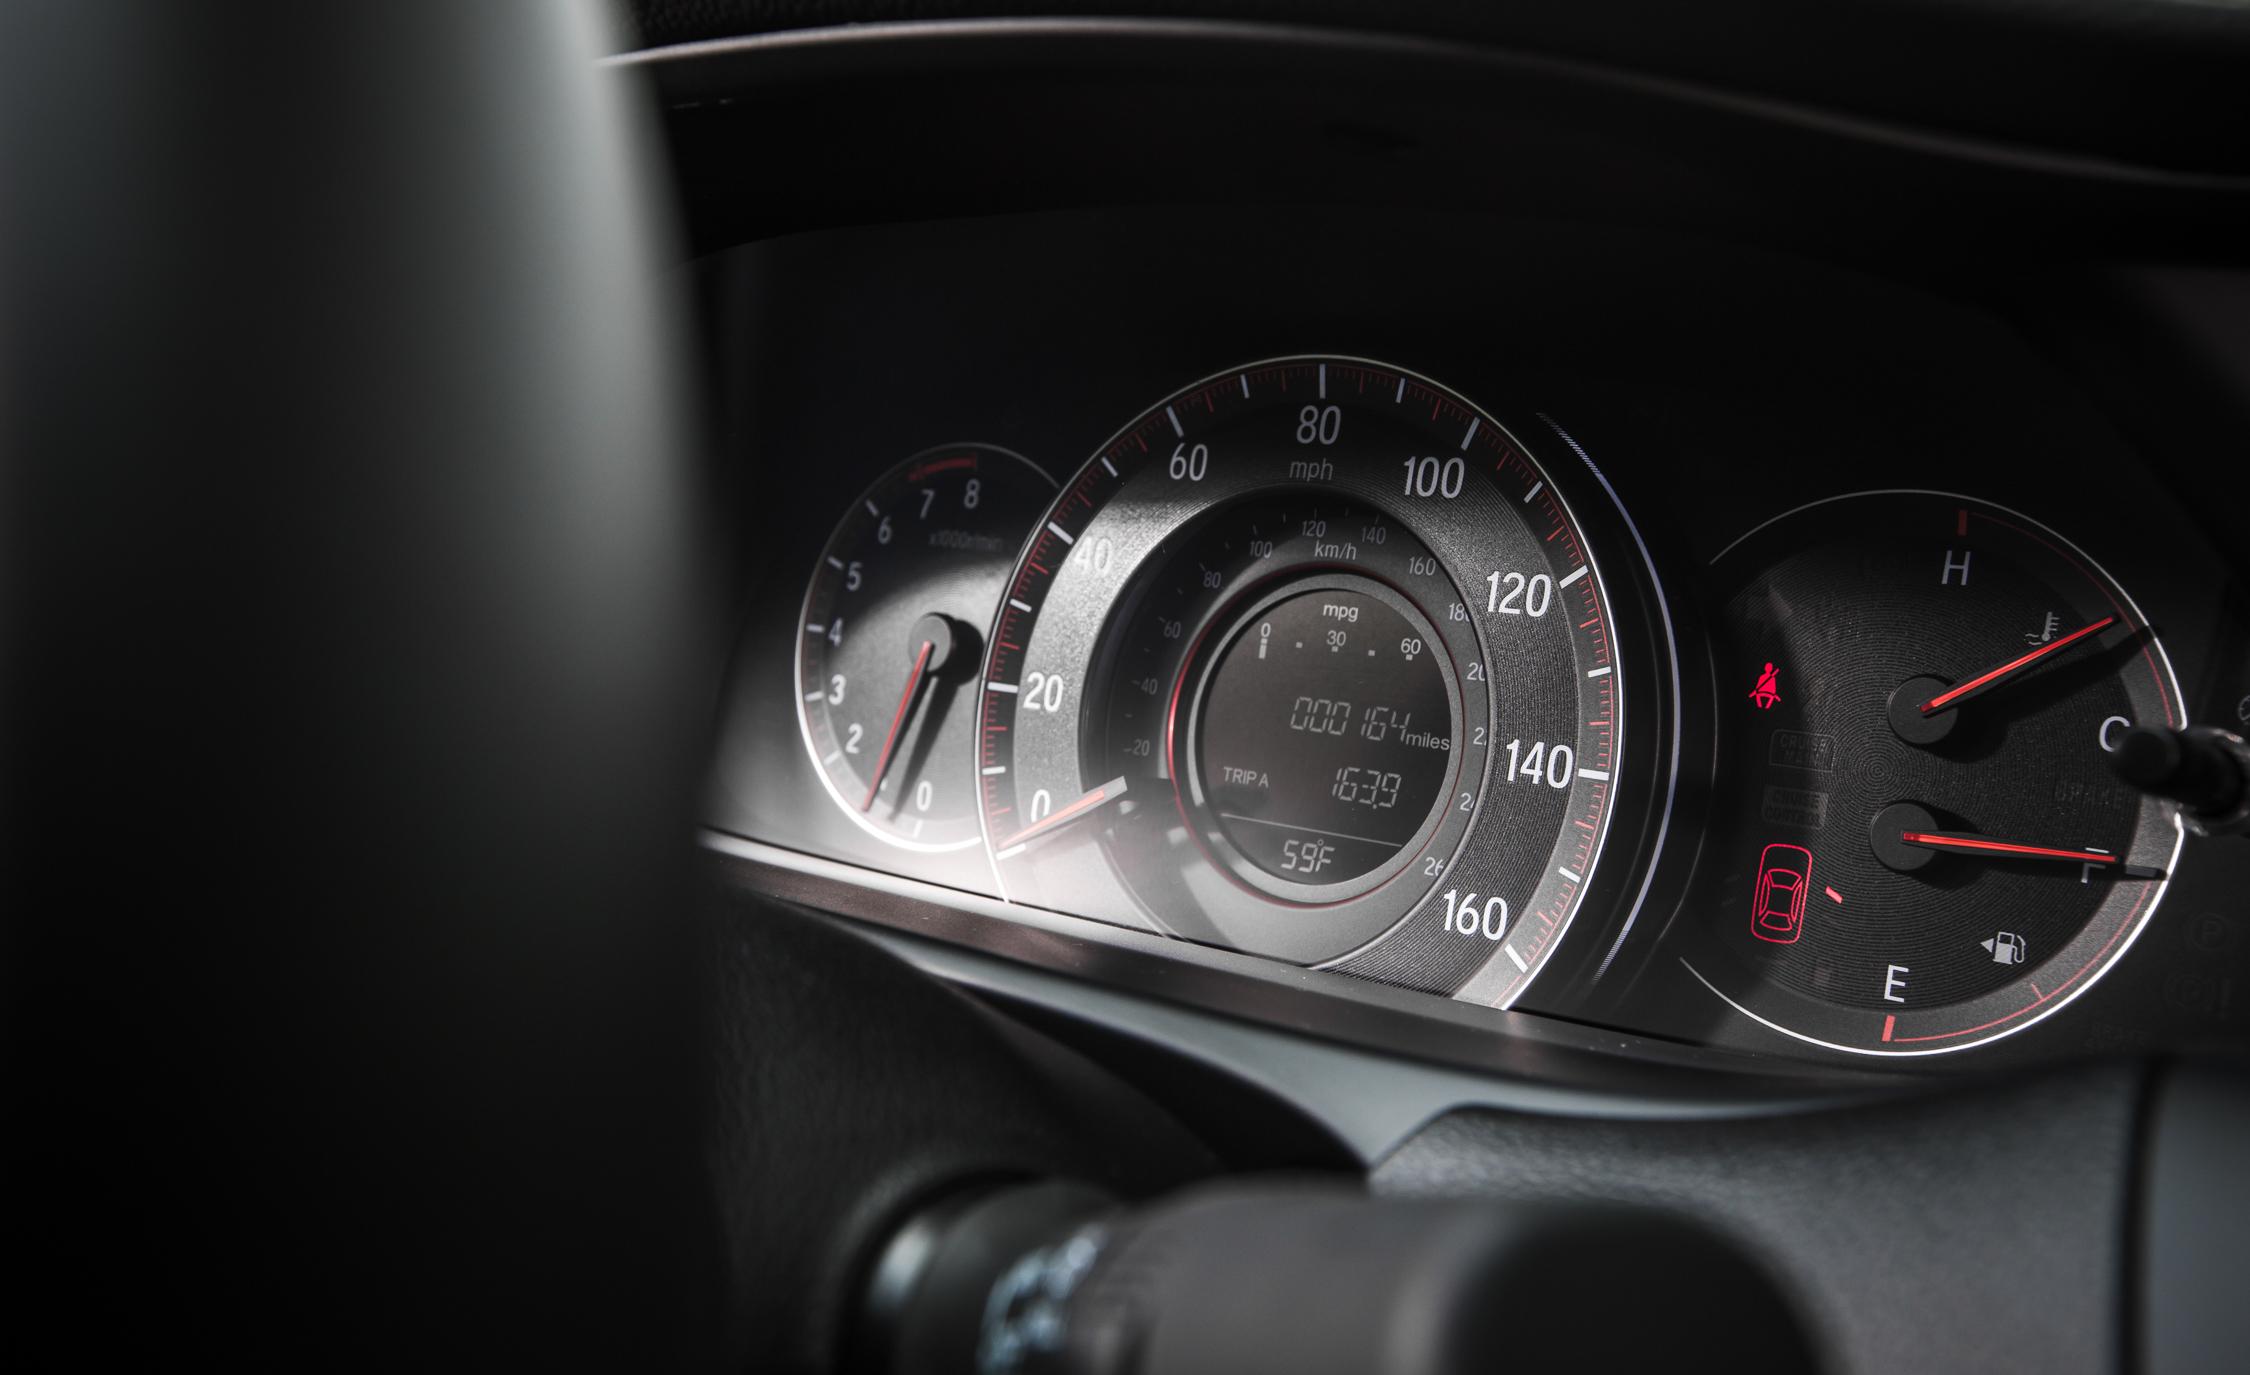 2016 Honda Accord Sport Interior Speedometer